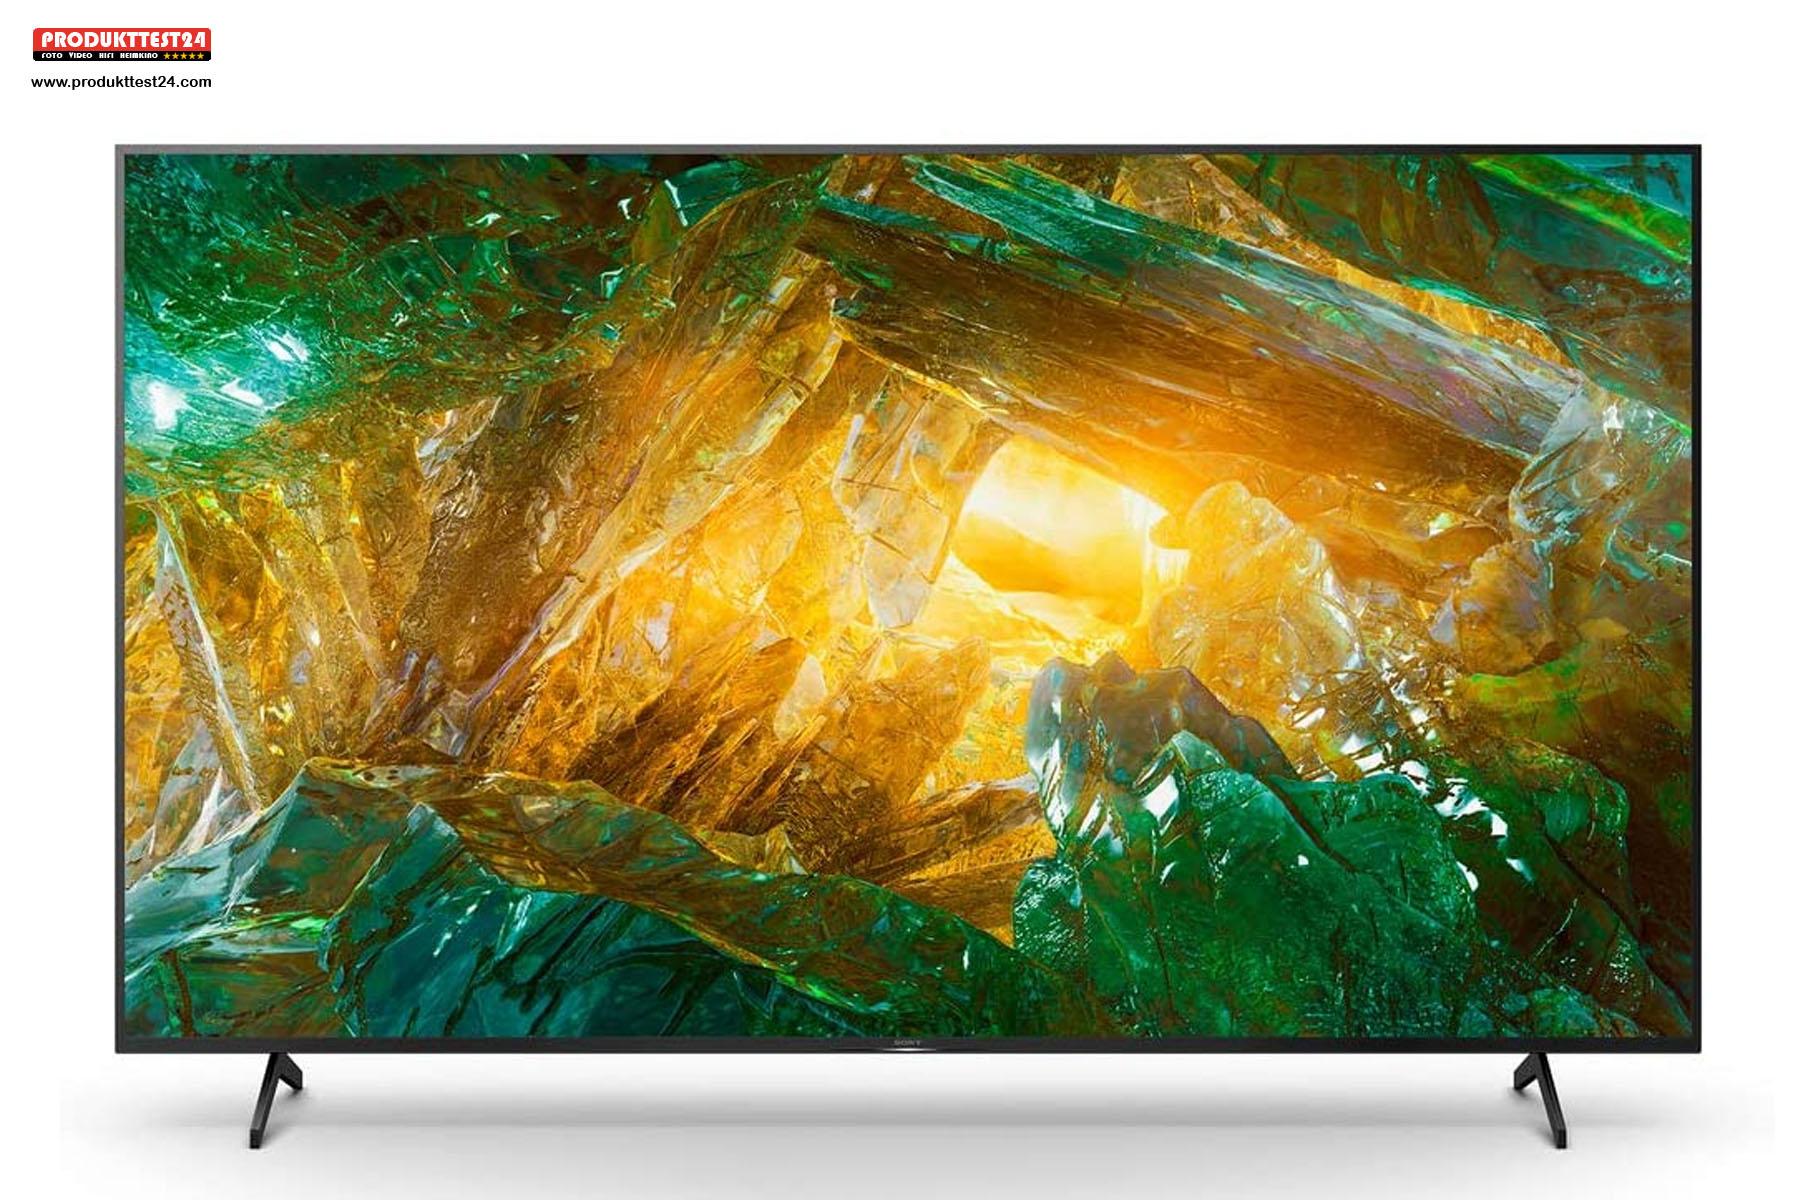 Der Sony KD-75XH8096 unterstützt HDR, Dolby Vision und Dolby Atmos